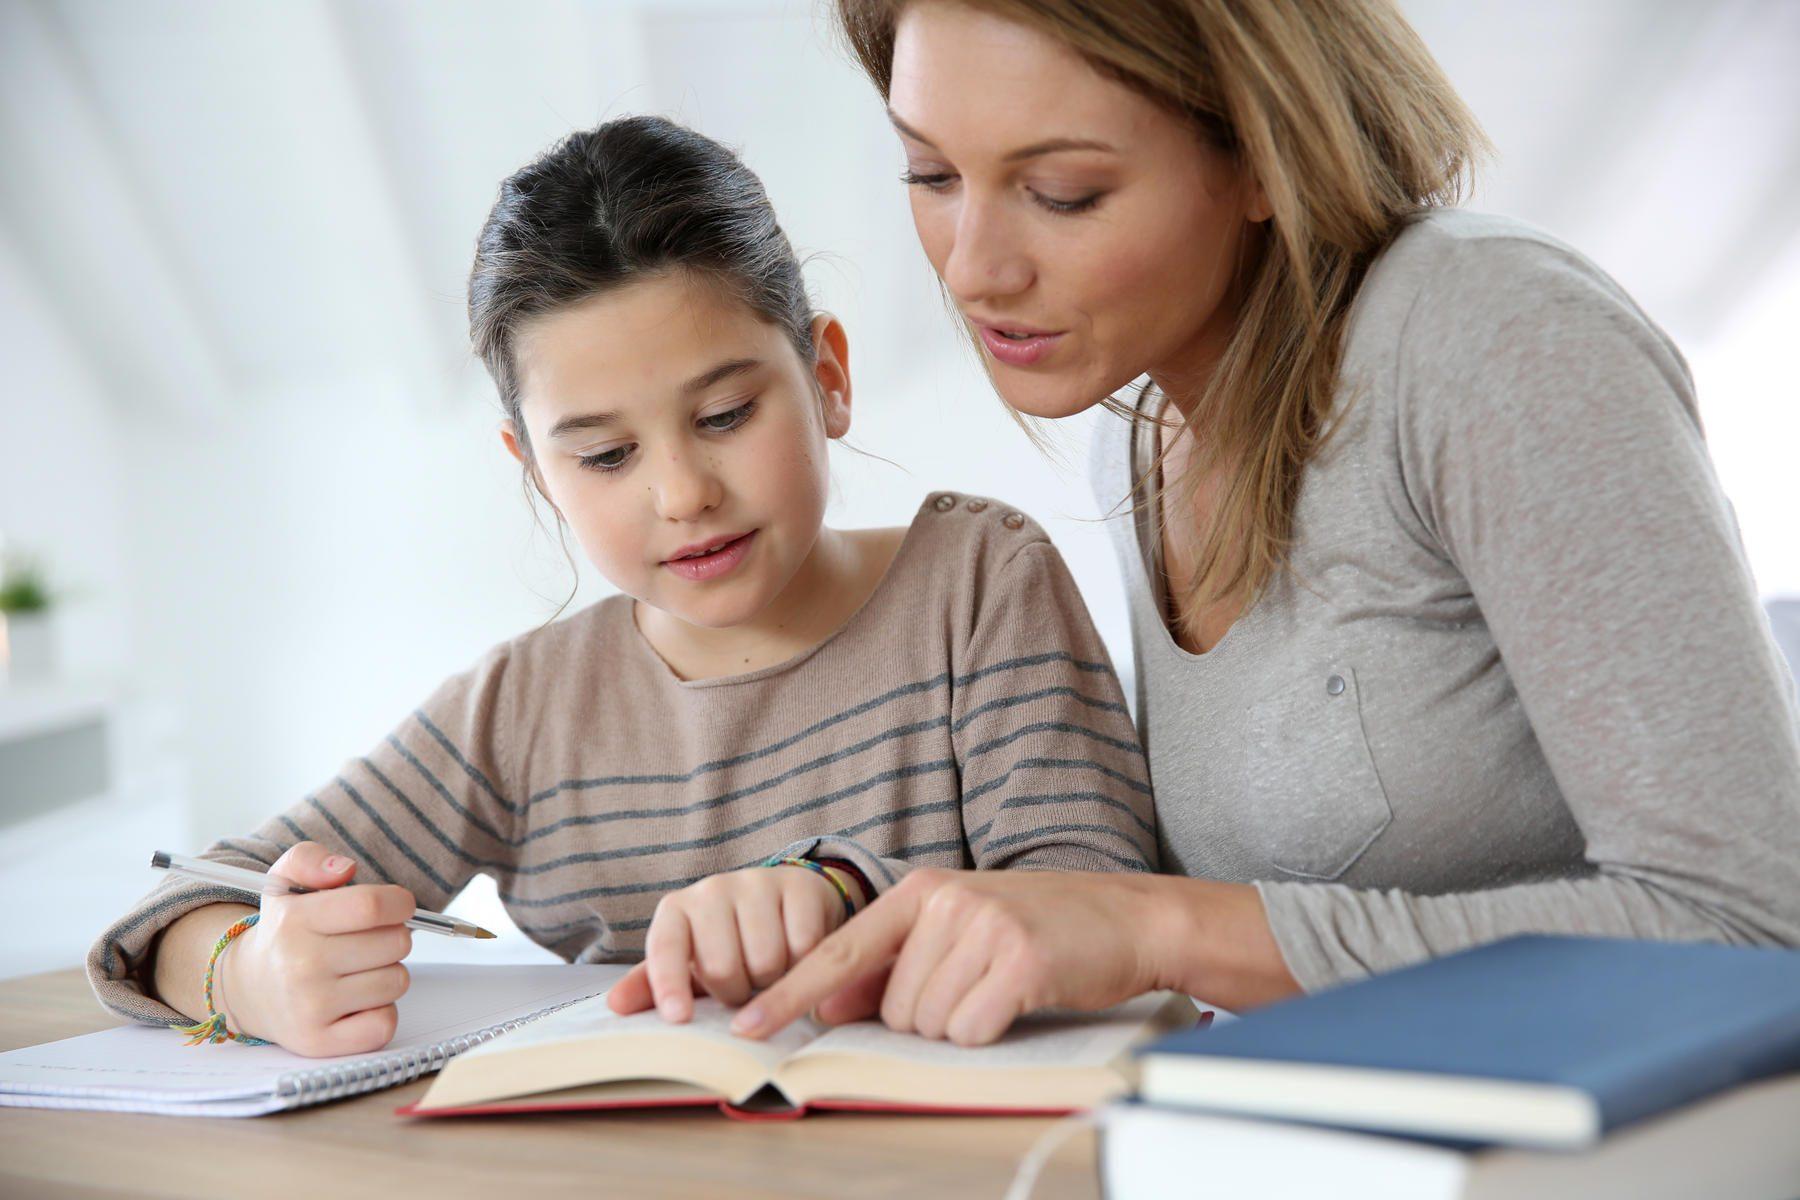 Допустимые нормативы выполнения домашних заданий для учащихся образовательных учреждений